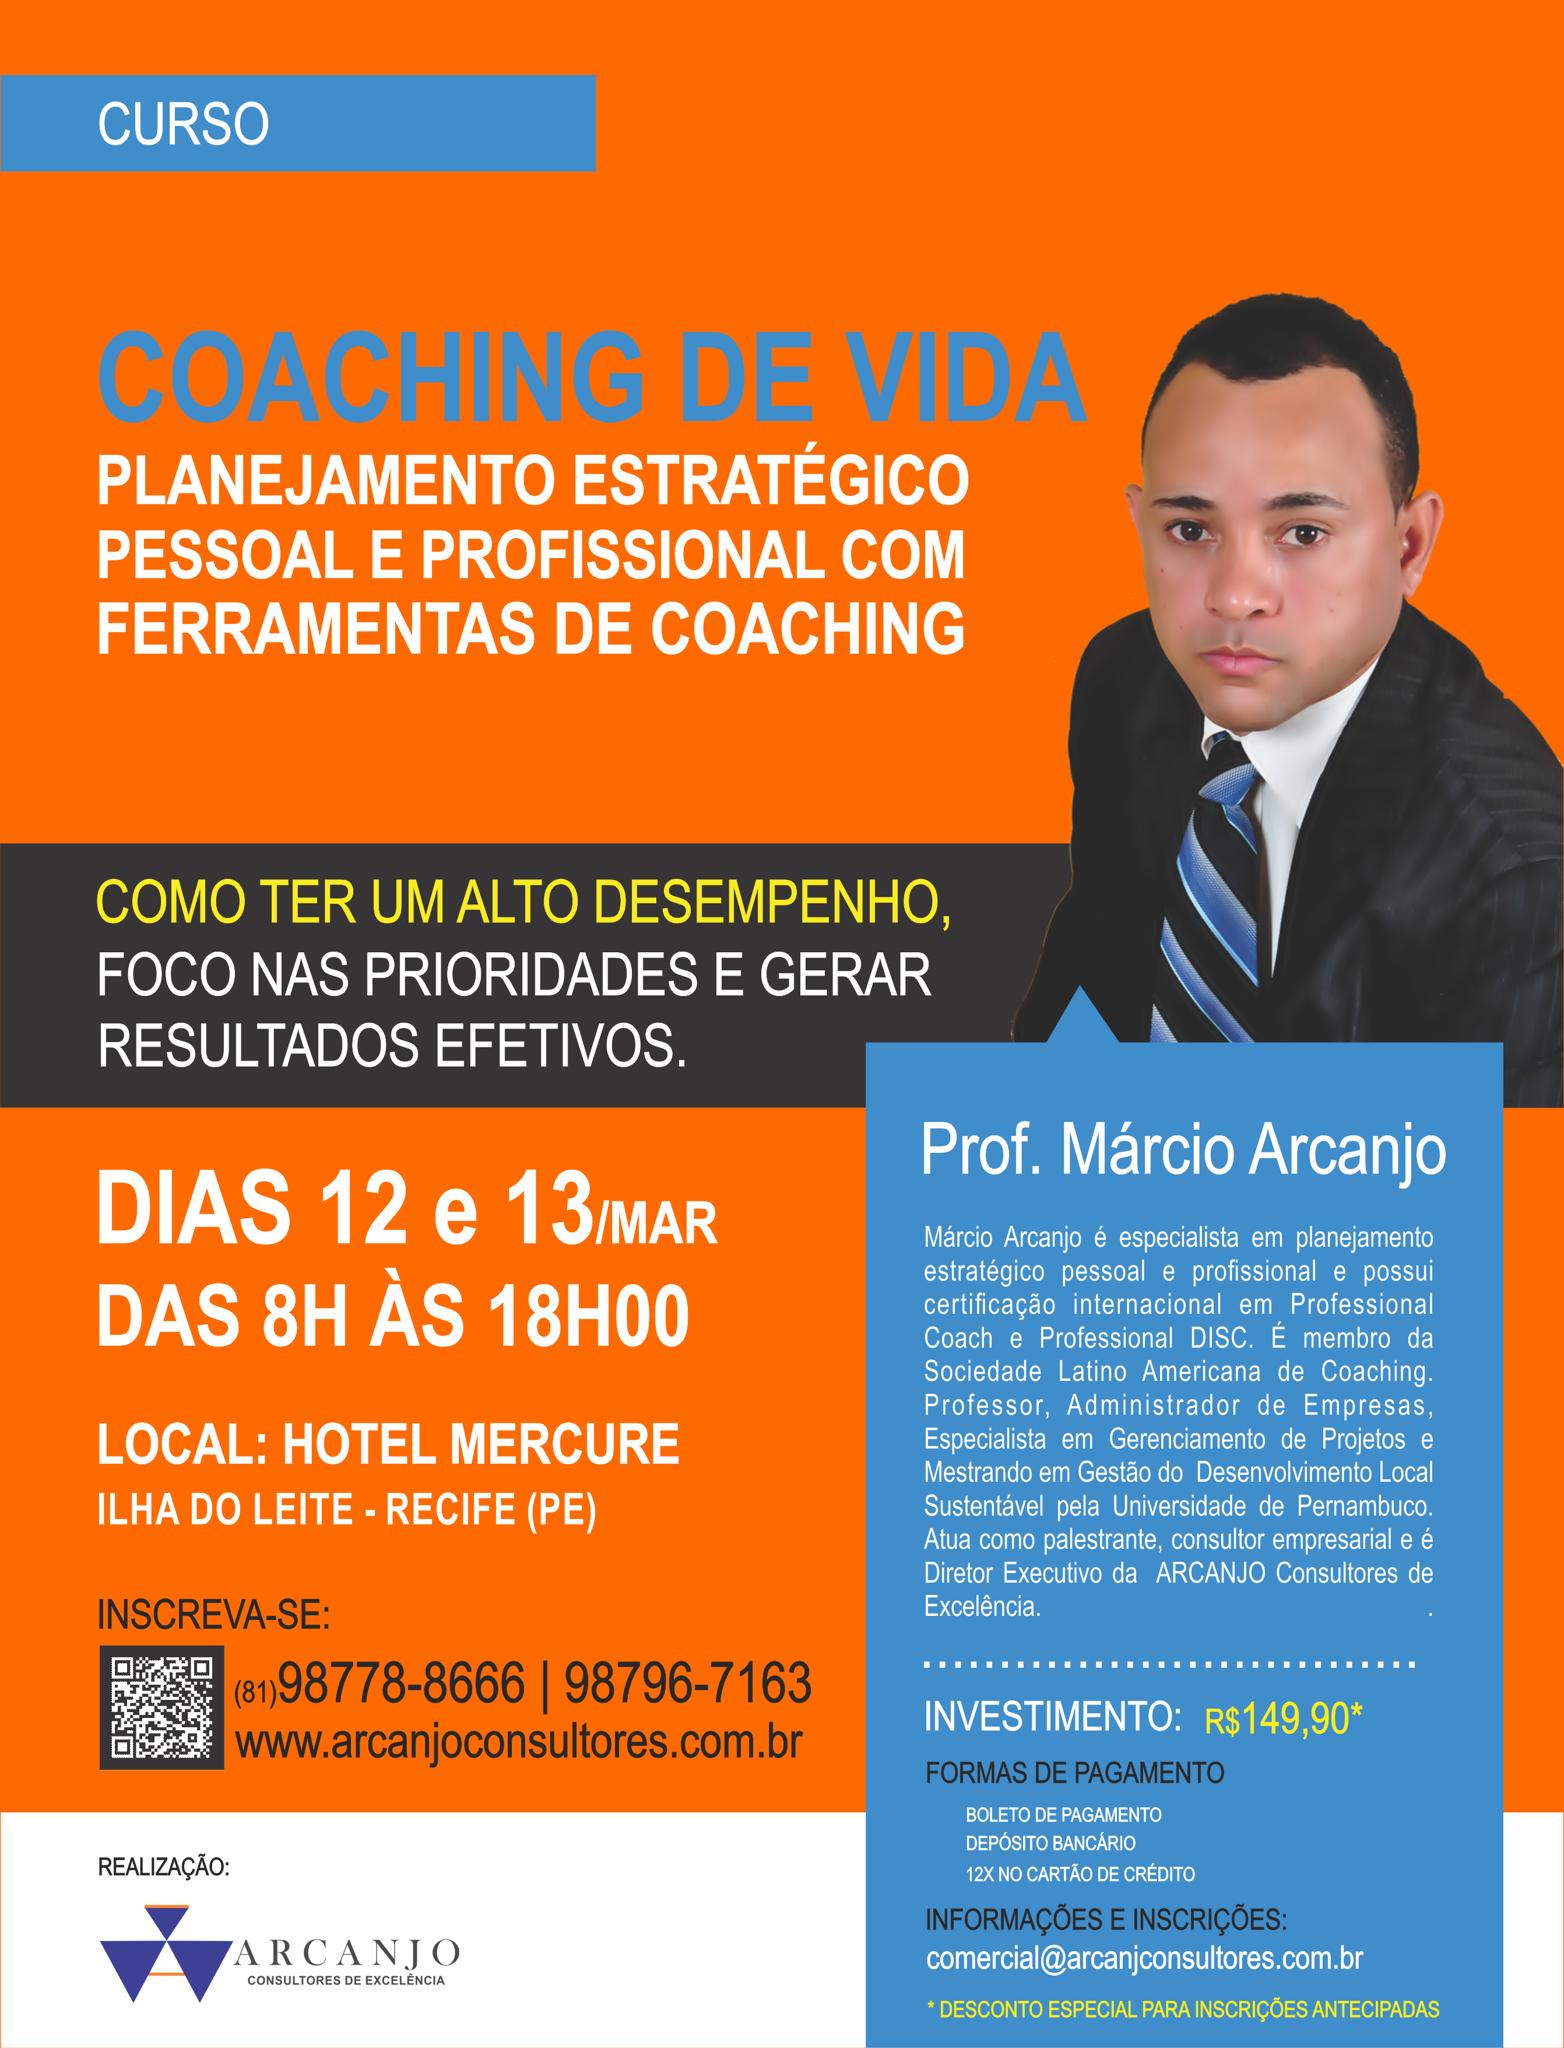 Curso de Coaching de Vida - Planejamento Estratégico Pessoal e Profissional -ARCANJO Consultores de Excelencia - Flyer 5.png